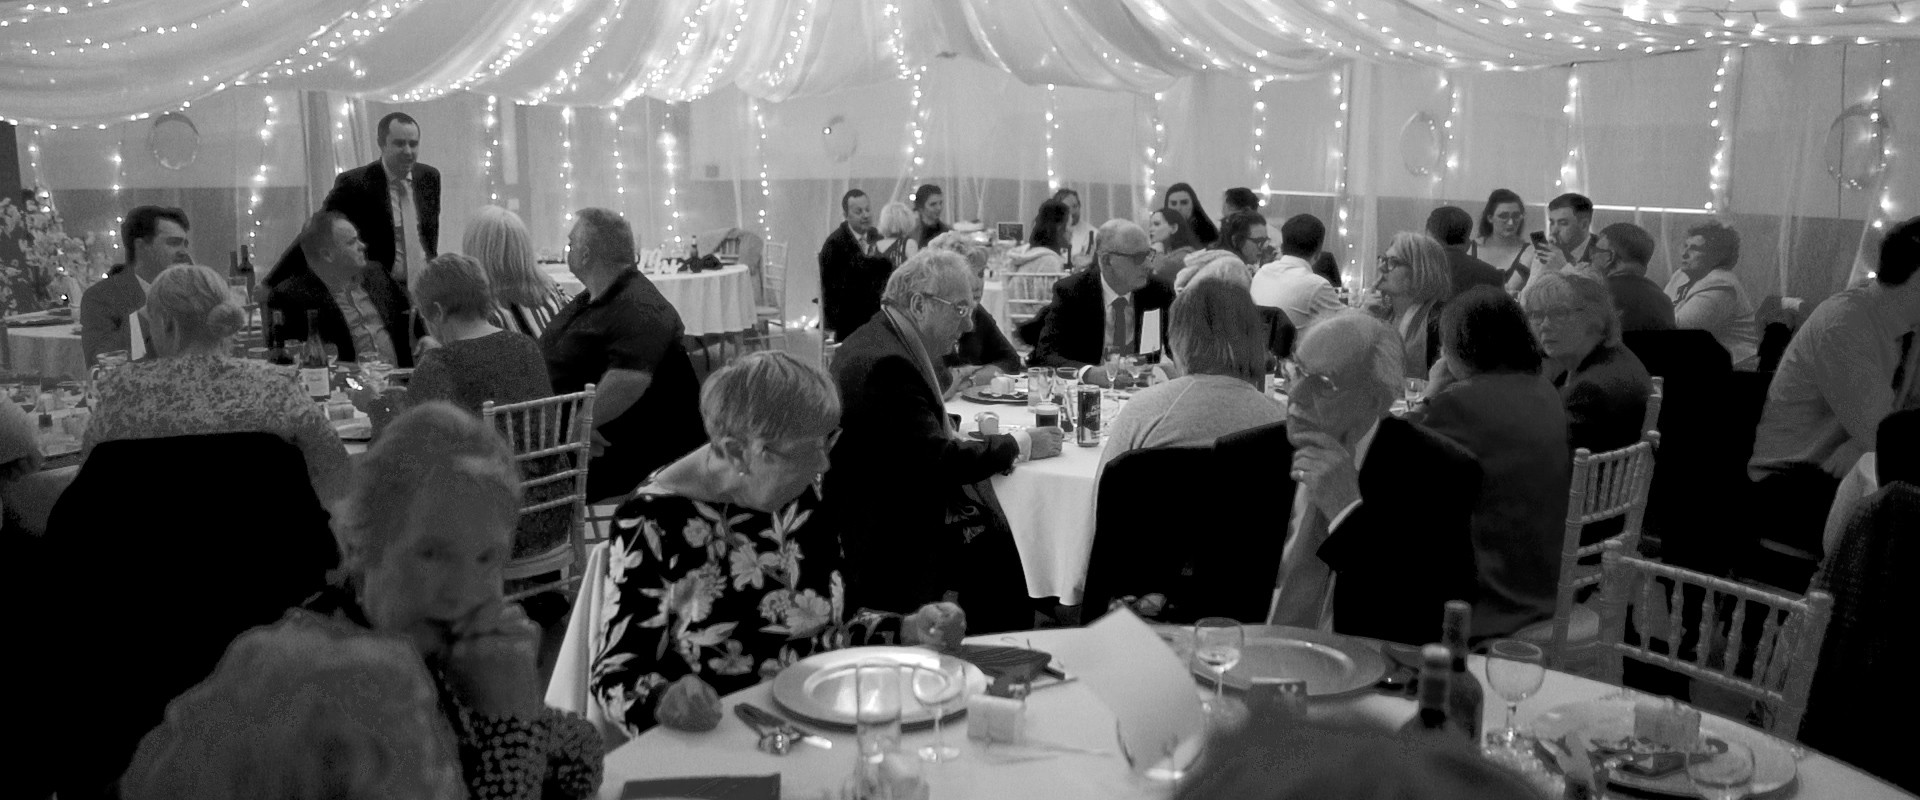 Wedding-ShortFilm-BW.00_05_11_23.Still04